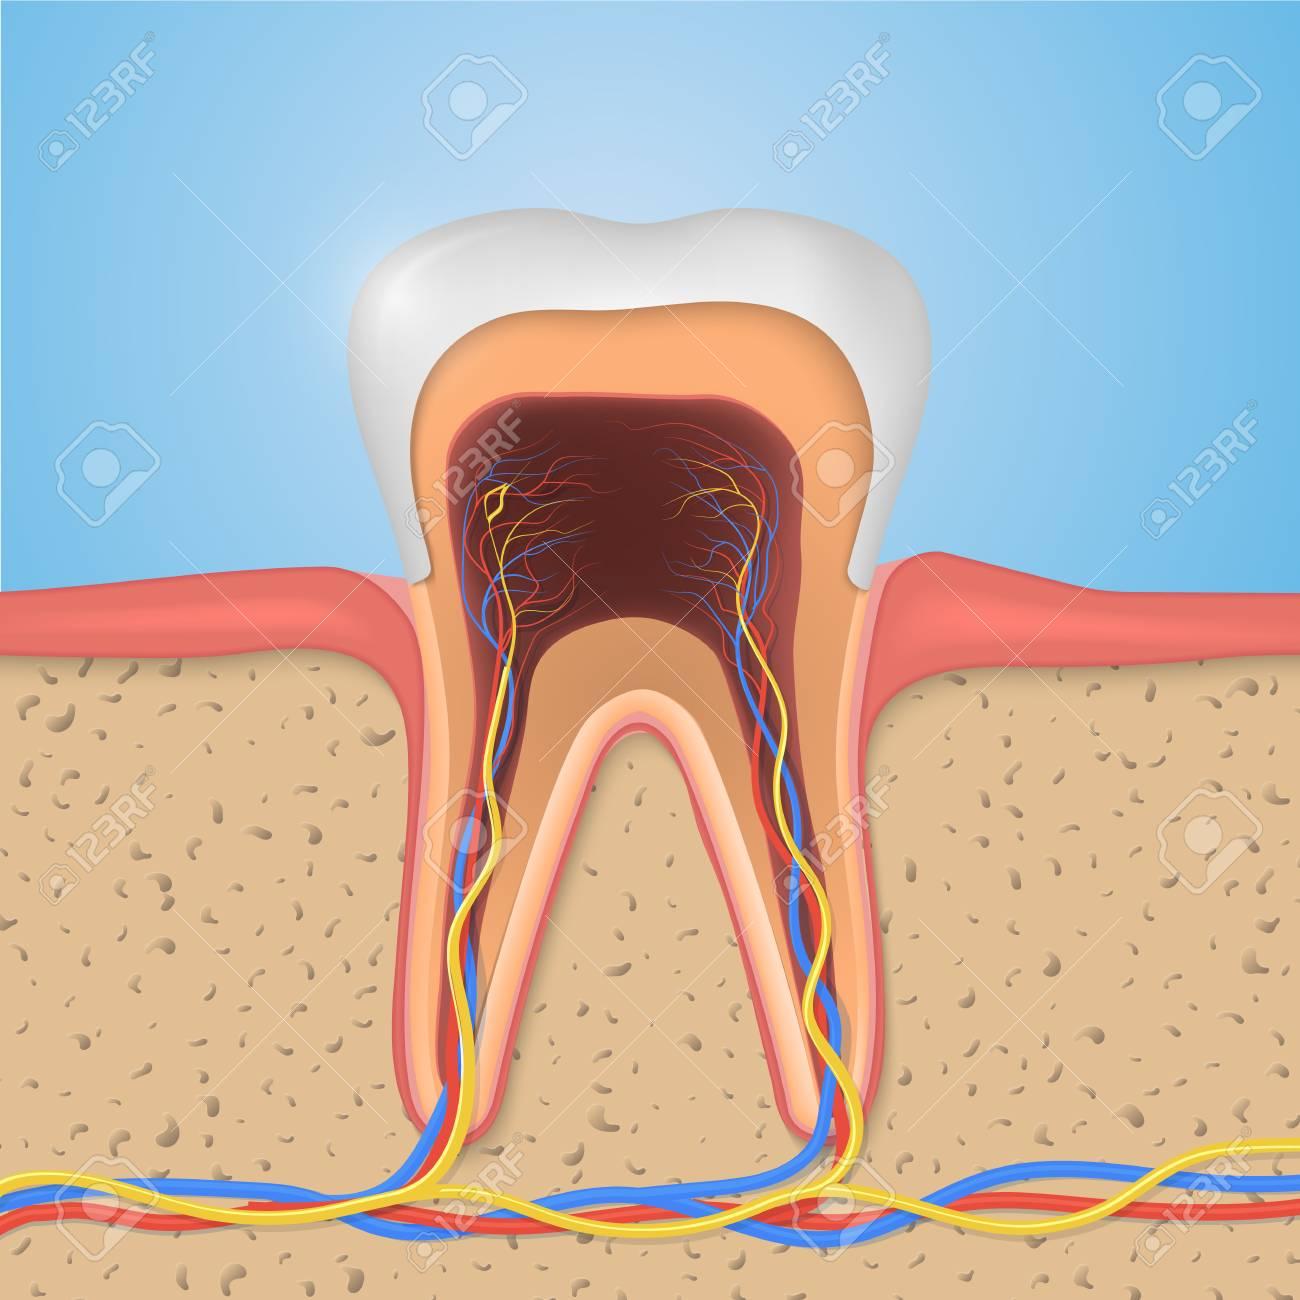 Una Estructura De Diente Vector. Anatomía De La Sección Transversal ...